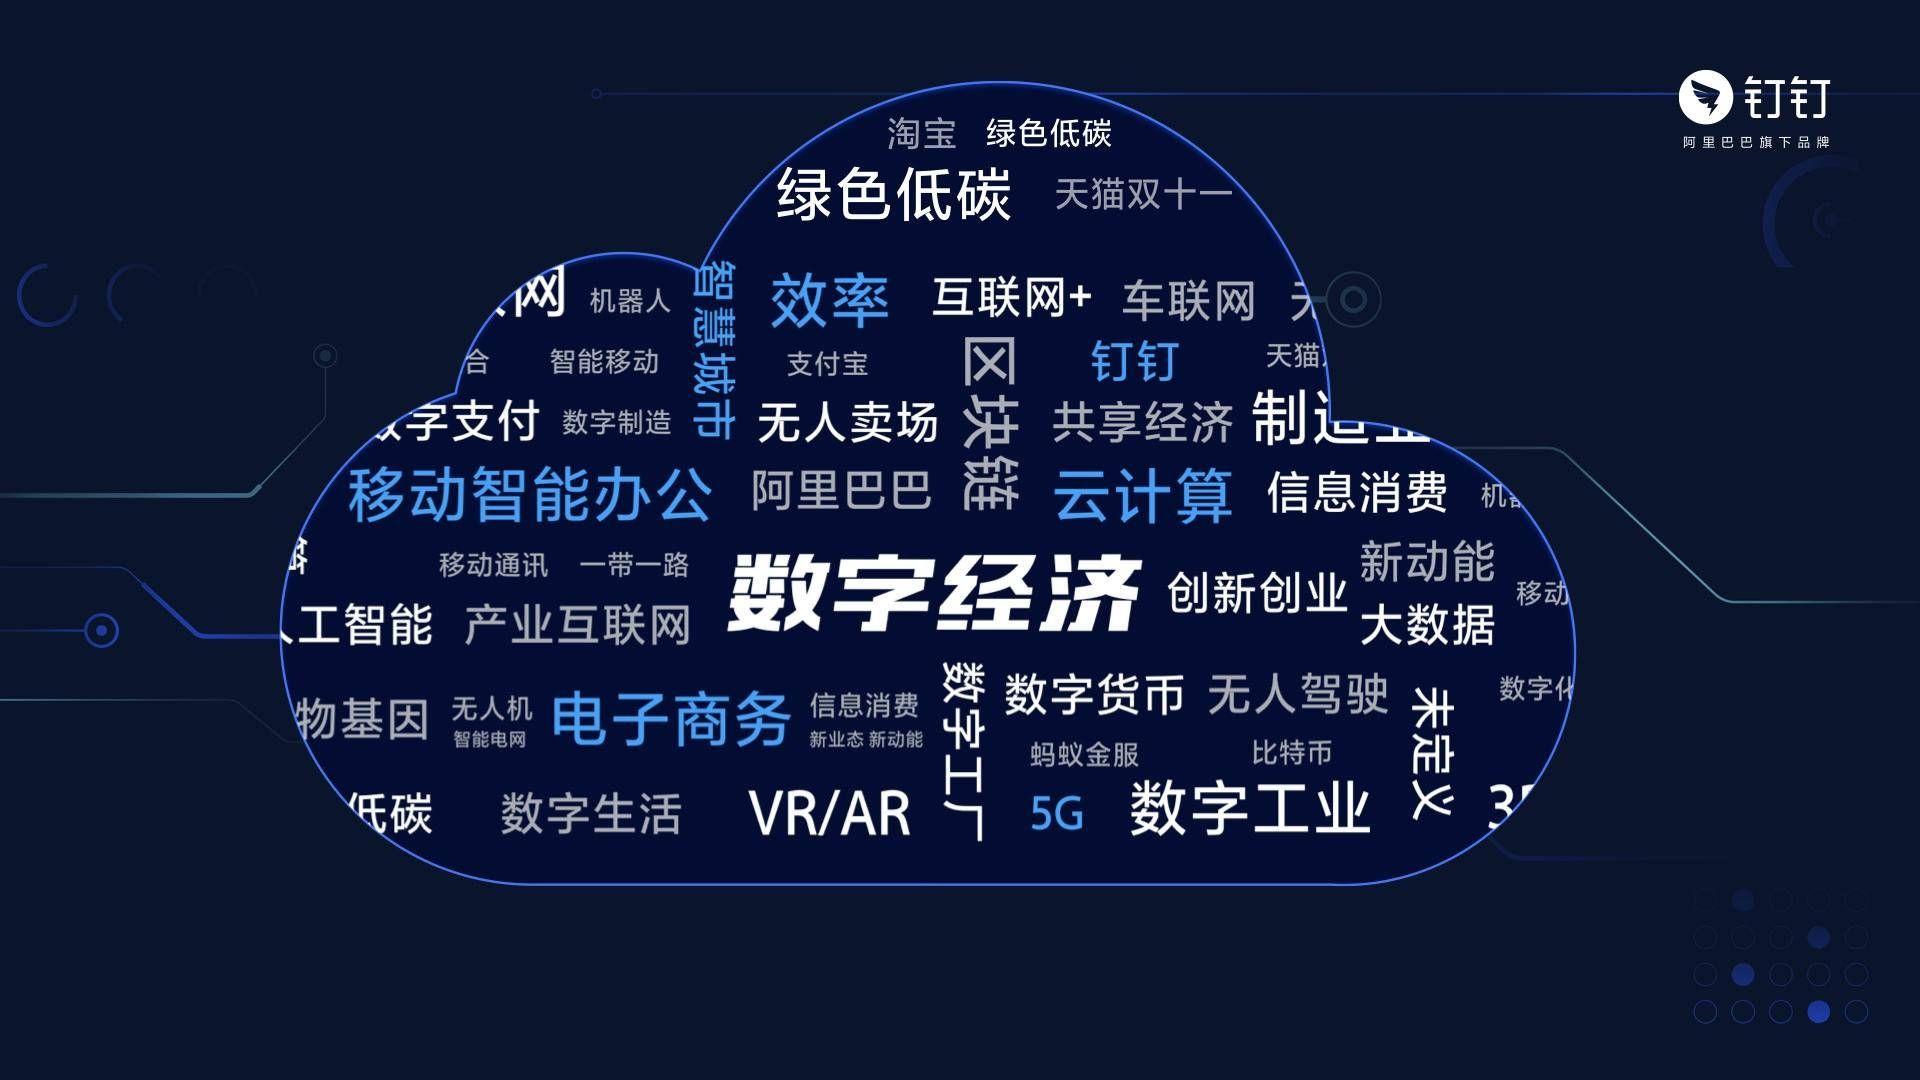 馬雲: 全面數字化時代, 離技術遠的行業機會越大-圖3